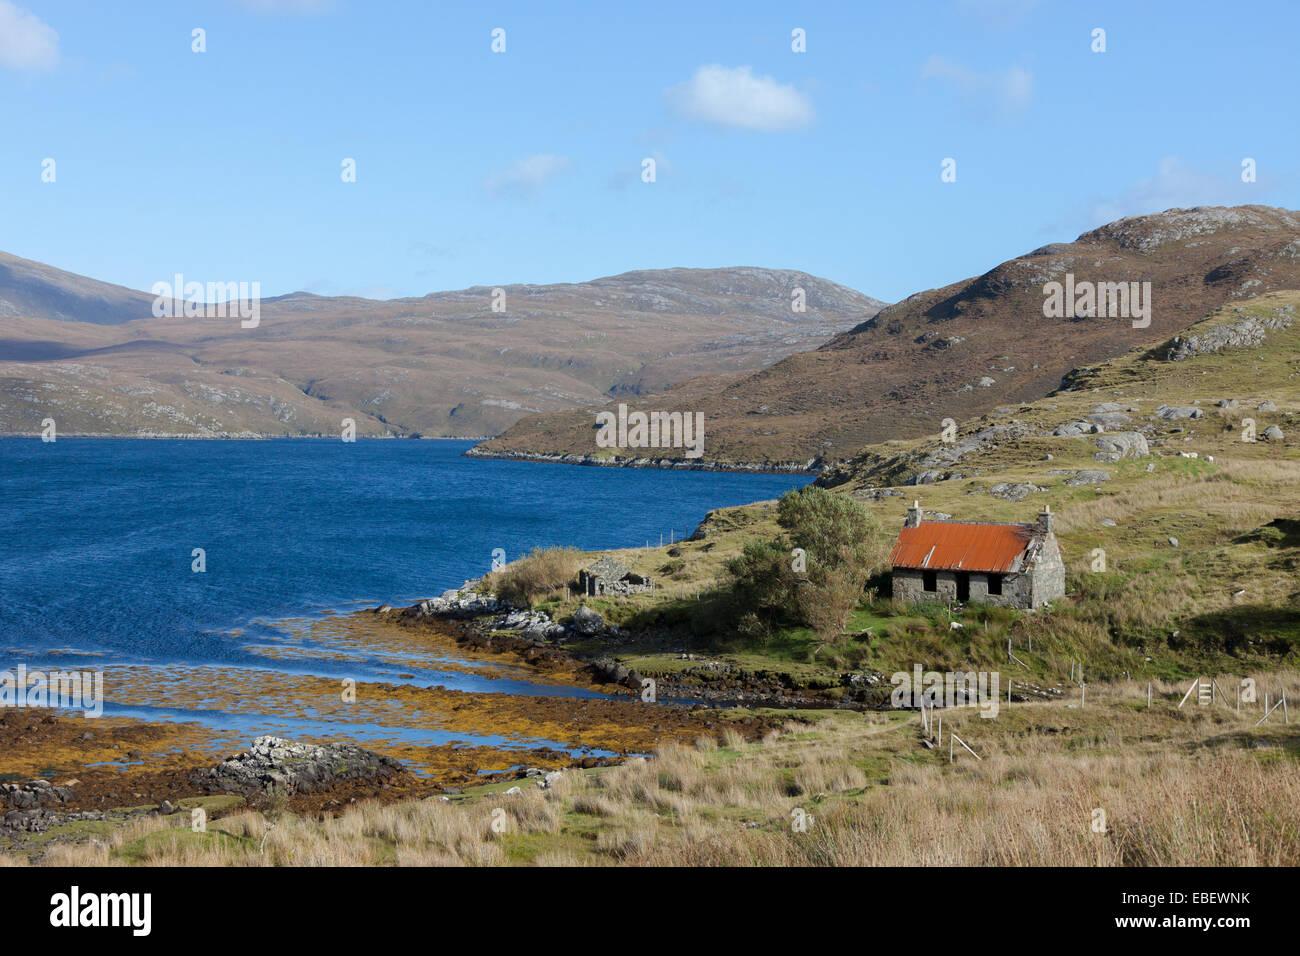 Abandoned cottage, Isle of Lewis, Outer Hebrides, Scotland - Stock Image